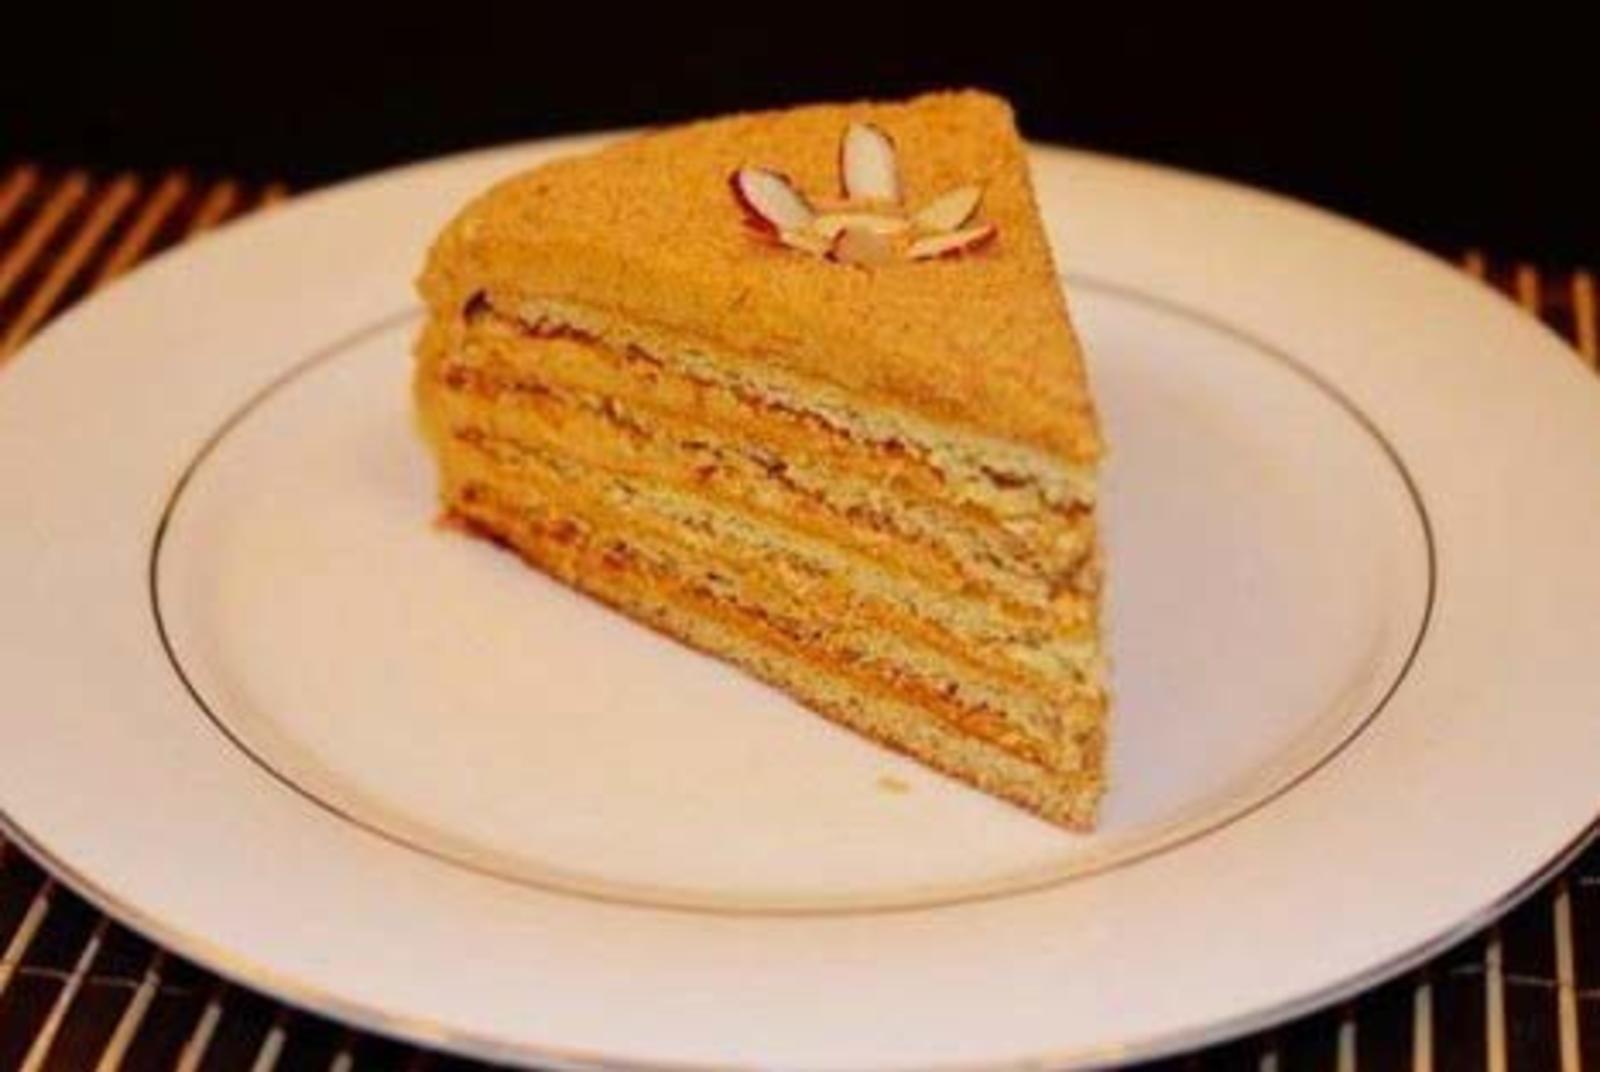 заказ медовый пирог рецепт с фото со сгущенкой умерли все